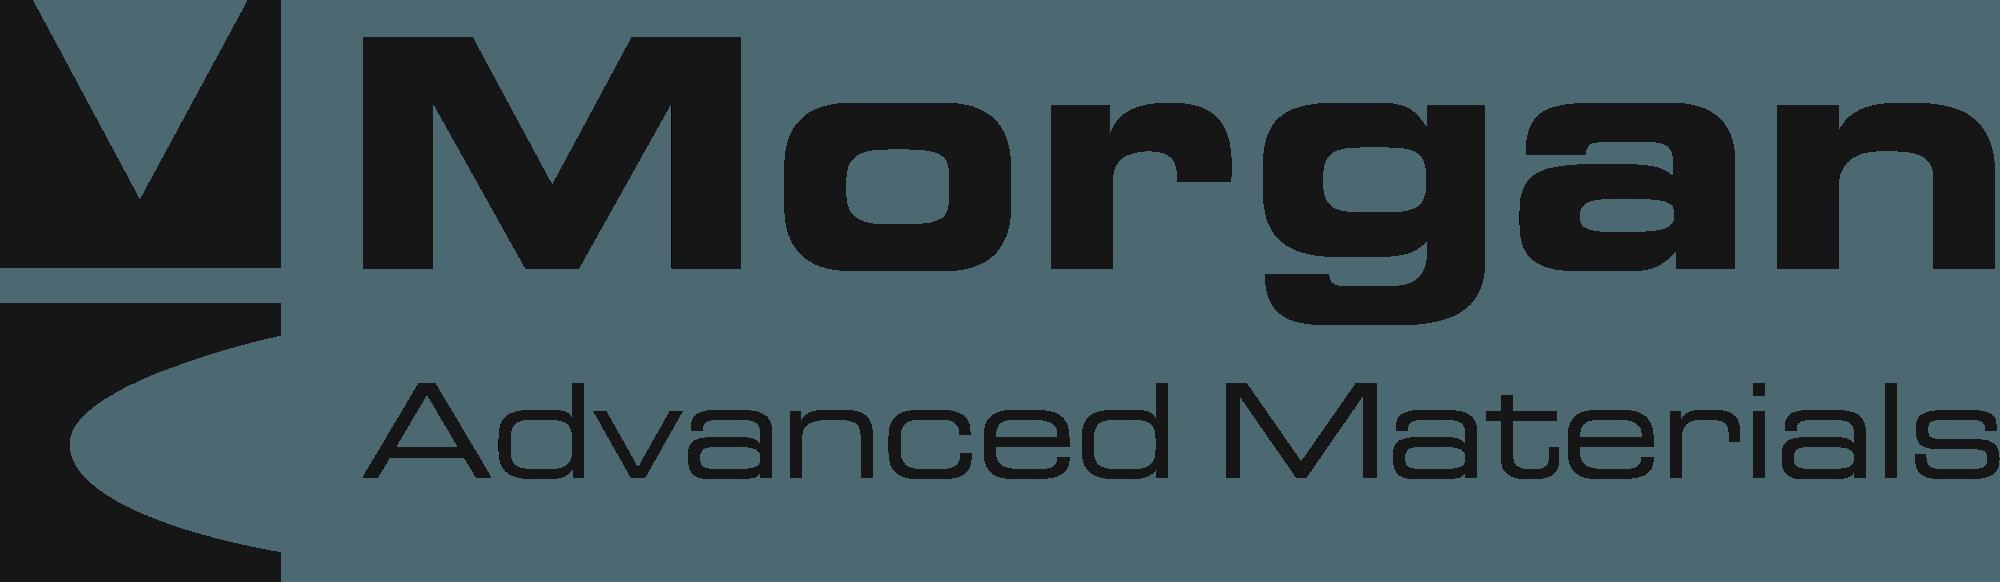 Morgan Advanced Materials - Seals and Bearings